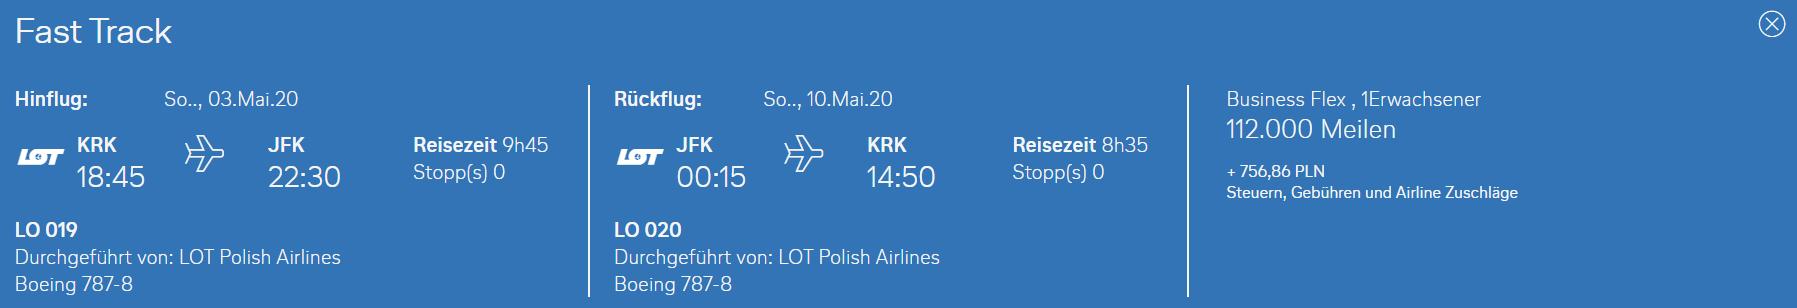 Prämienflug für die neue LOT Vrbindung von Krakau nach New York